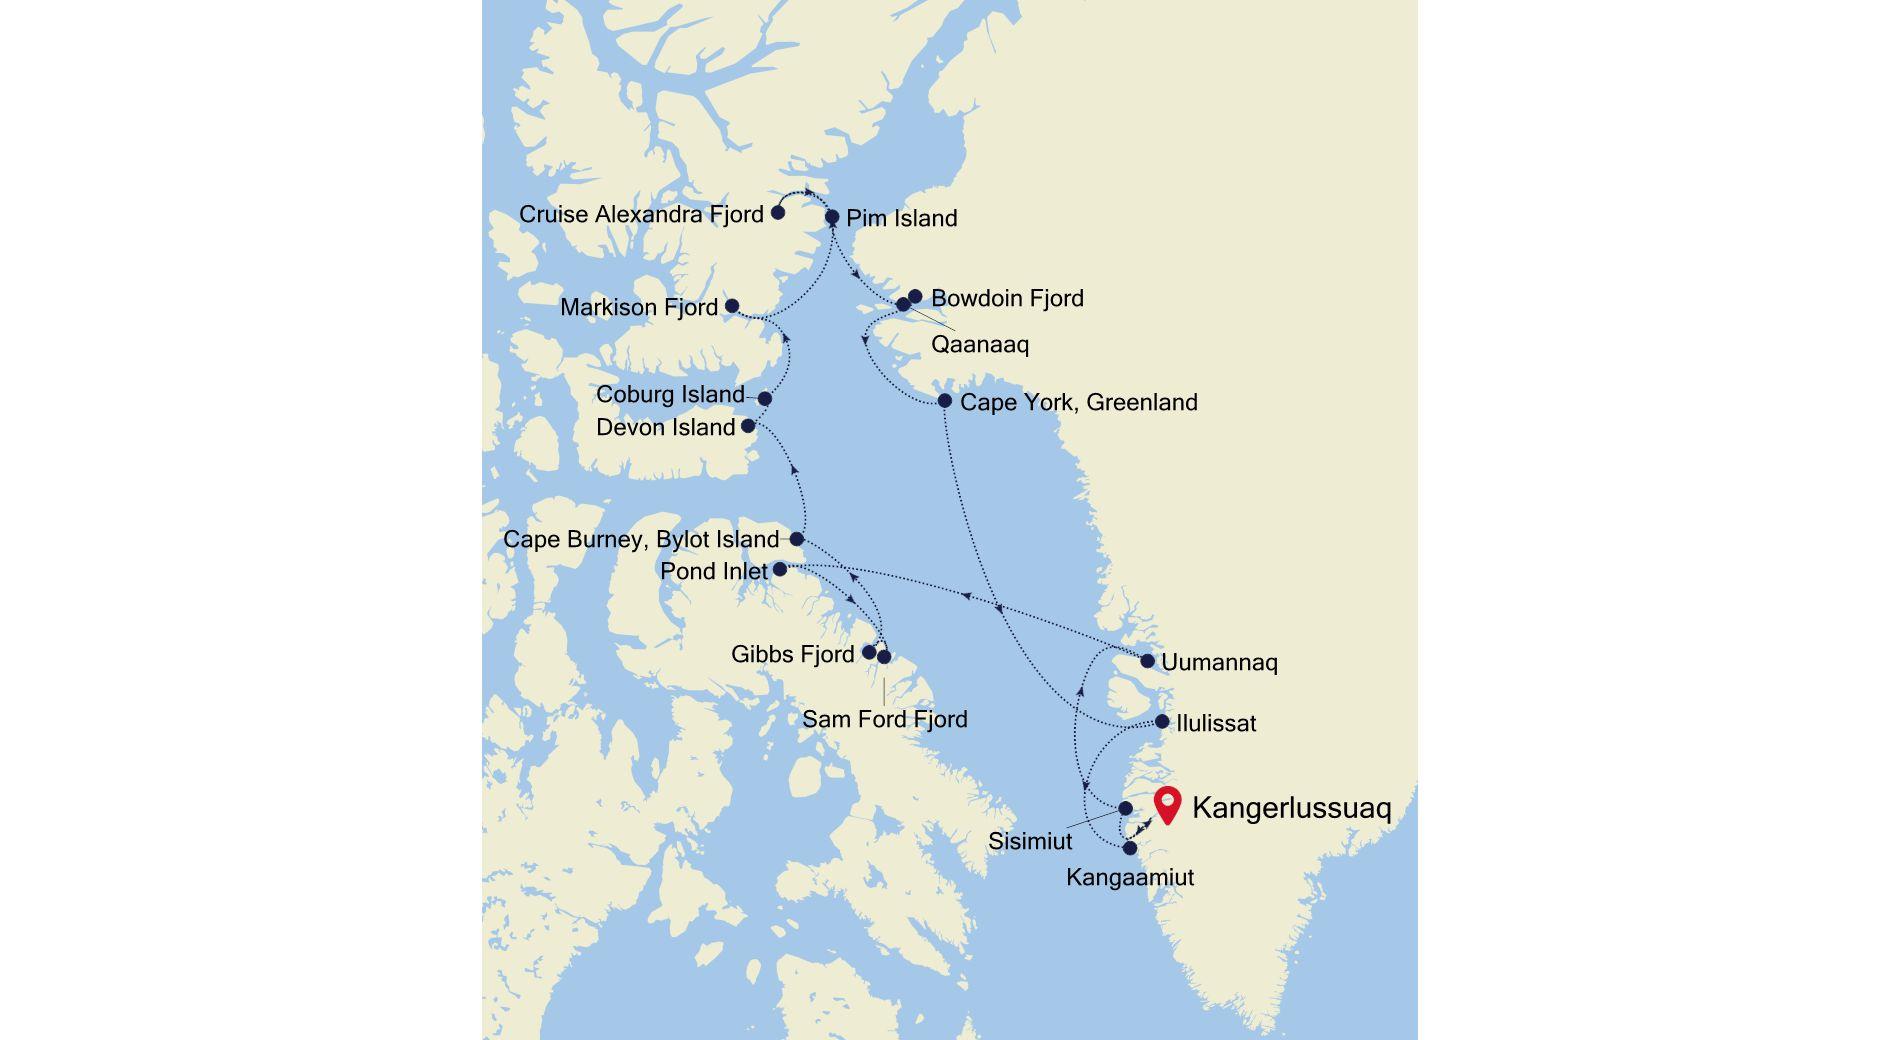 1920 - Kangerlussuaq à Kangerlussuaq